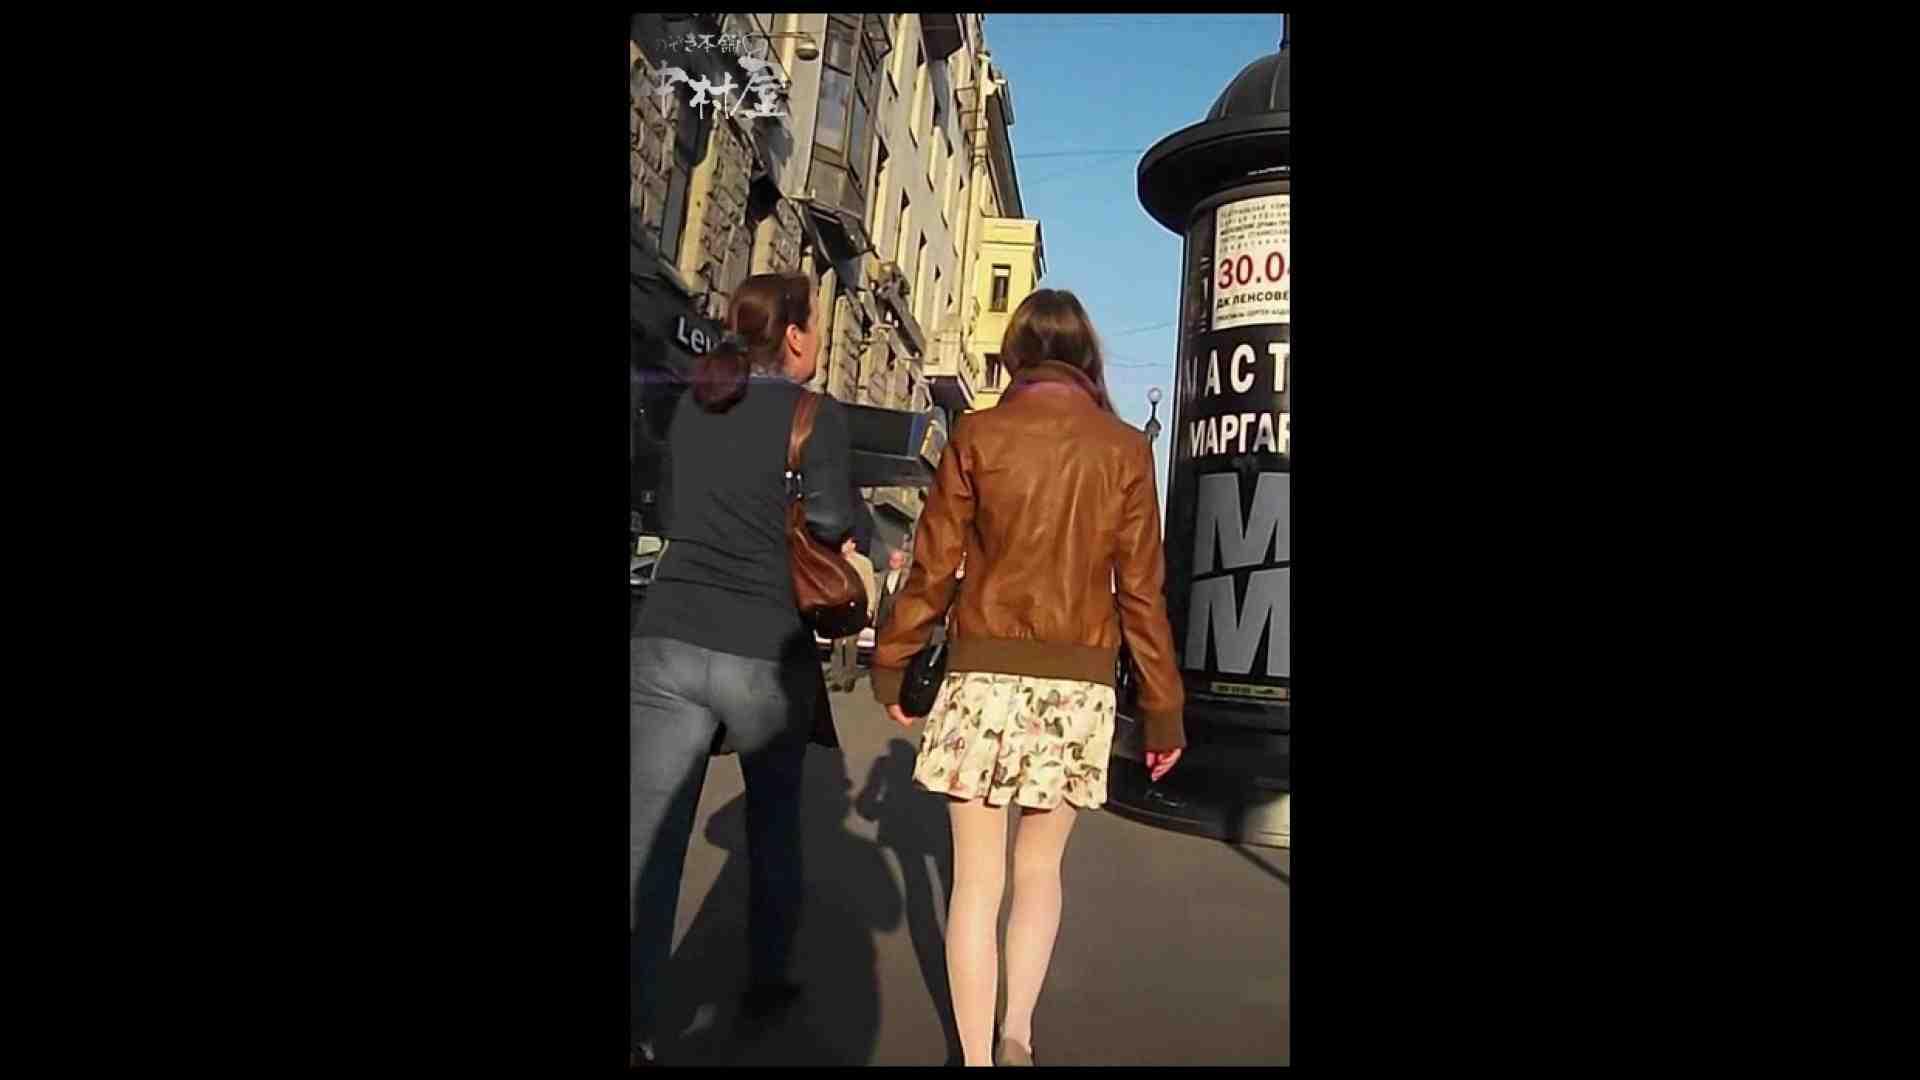 綺麗なモデルさんのスカート捲っちゃおう‼ vol30 お姉さんハメ撮り  109Pix 41